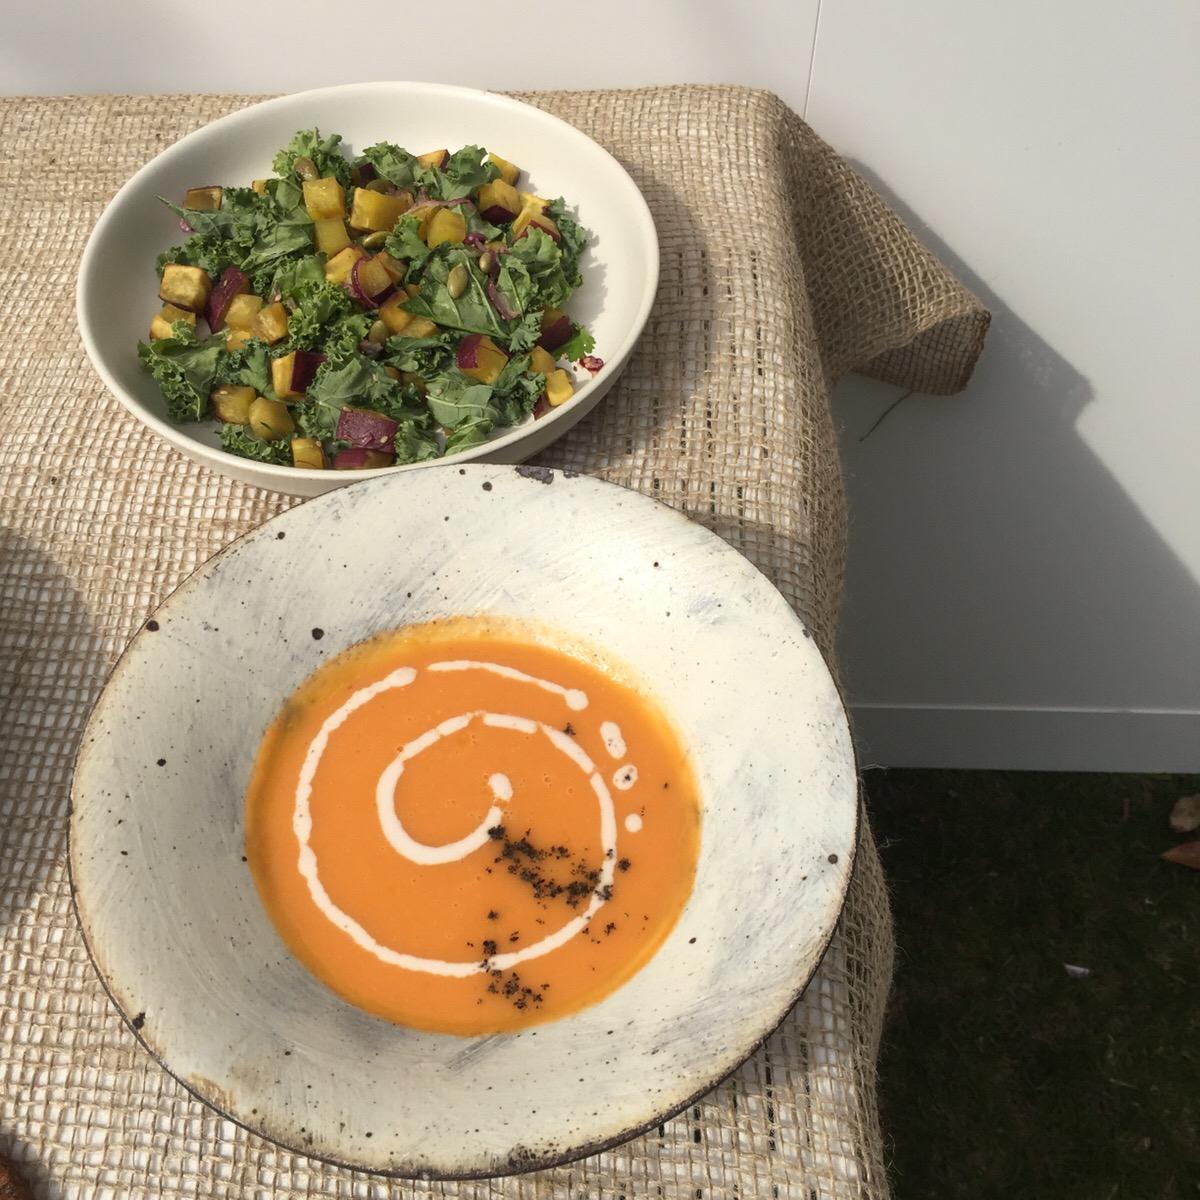 隠し味に白味噌が使われている「キャロットジンジャースープ」¥750、「味噌ケールサラダ」¥1,200